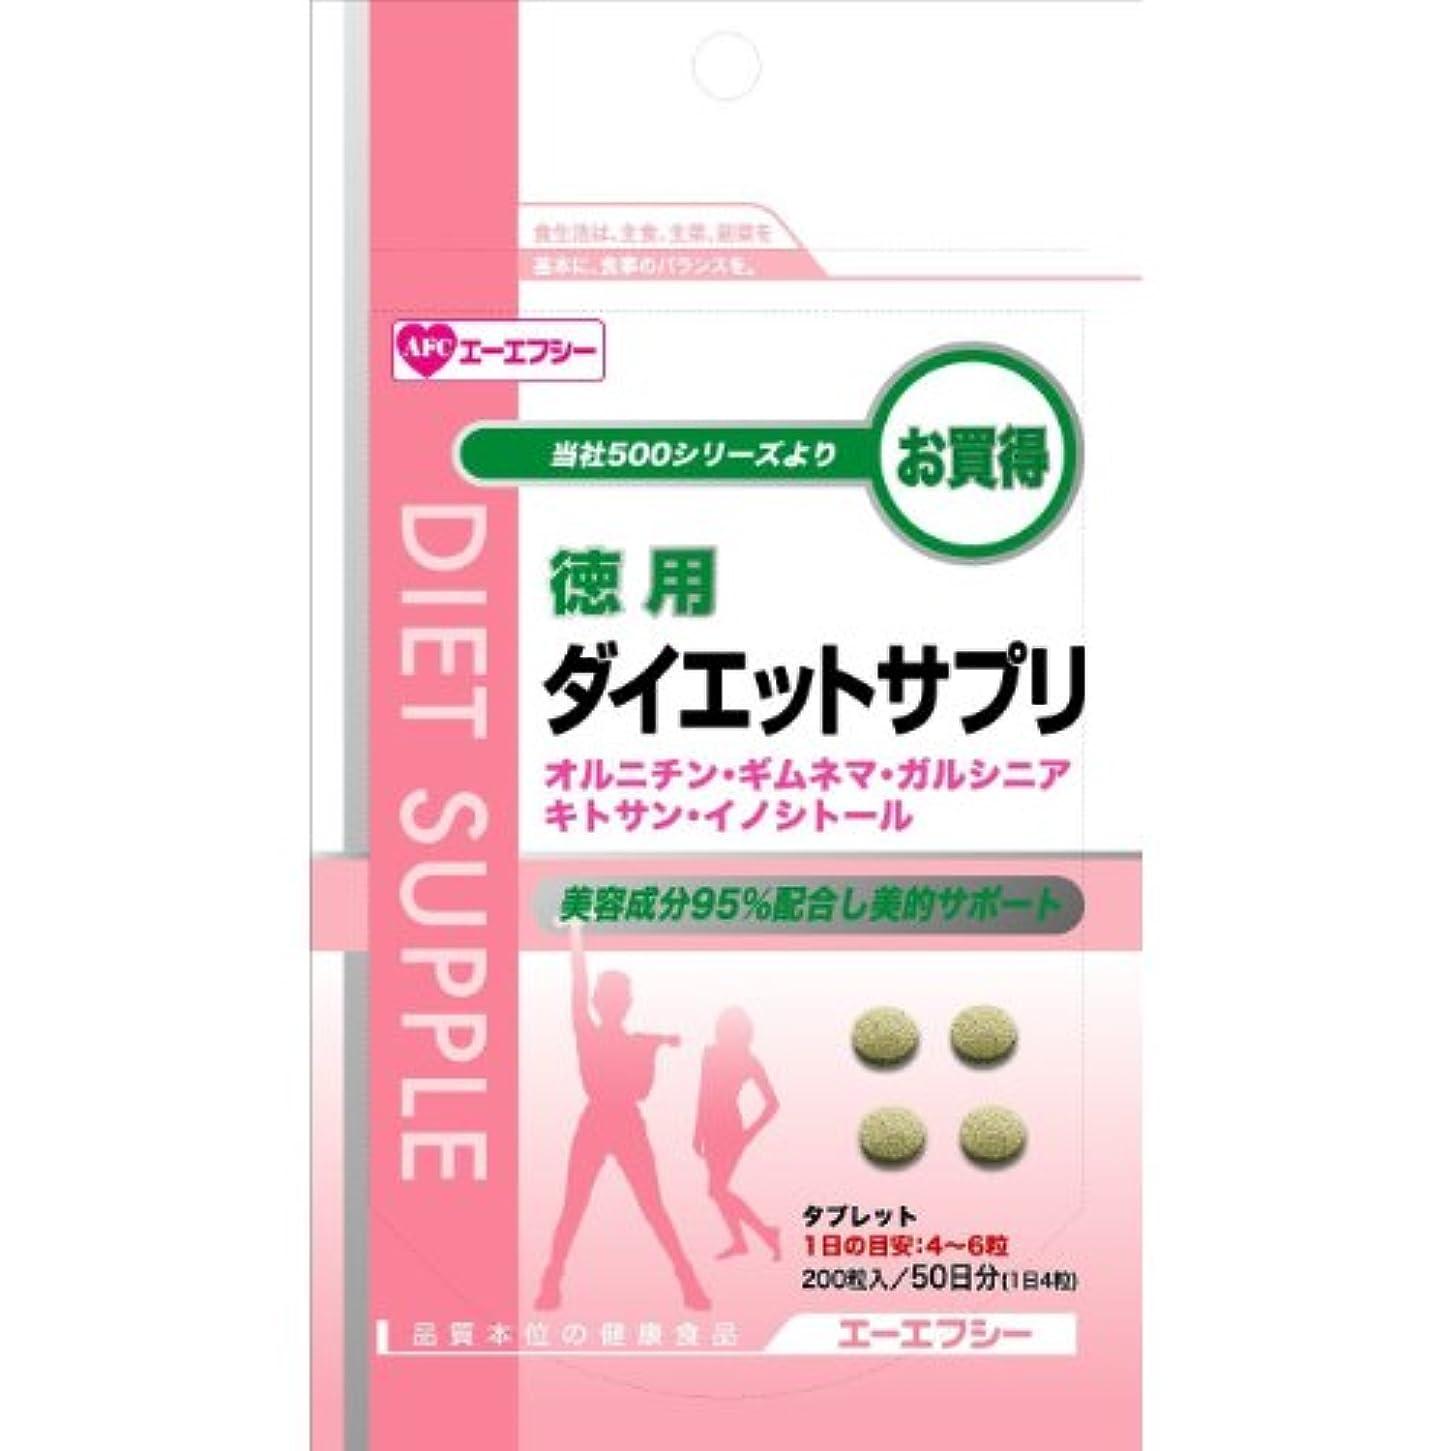 トラブル法律メンバーAFC980円シリーズ 徳用 ダイエットサプリ 200粒入 (約50日分)【6袋セット】